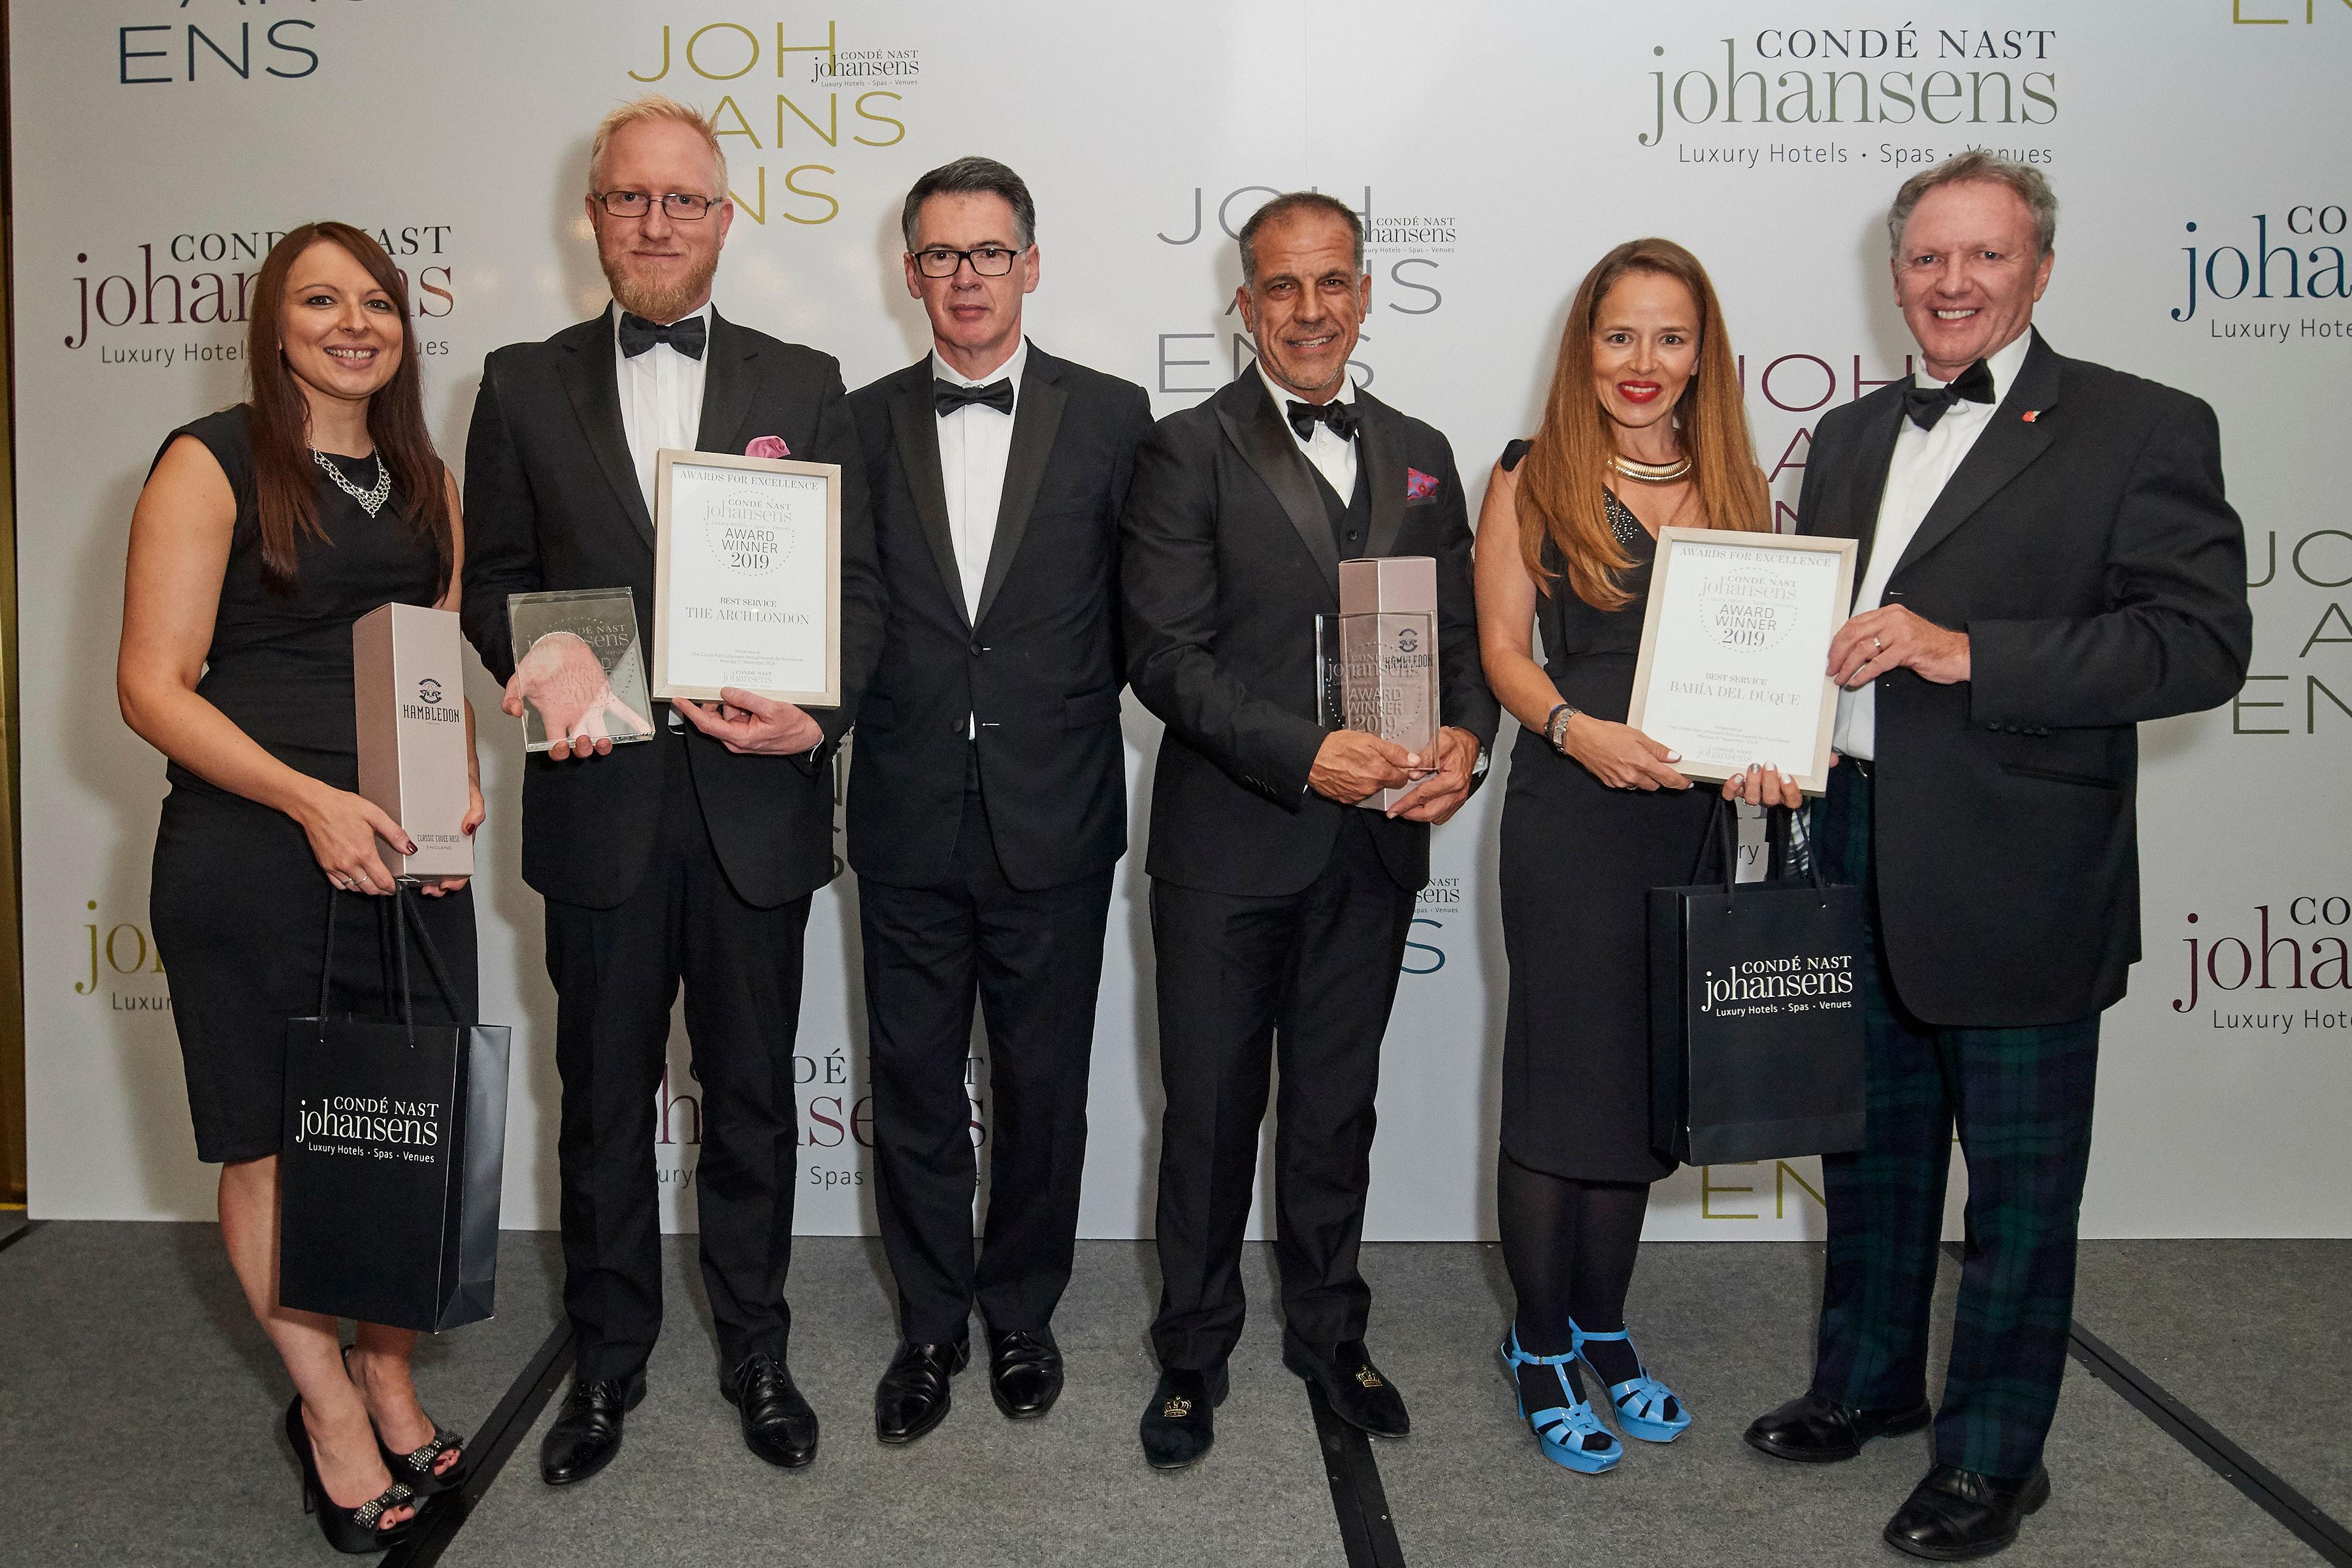 Condé Nast Johansens Awards